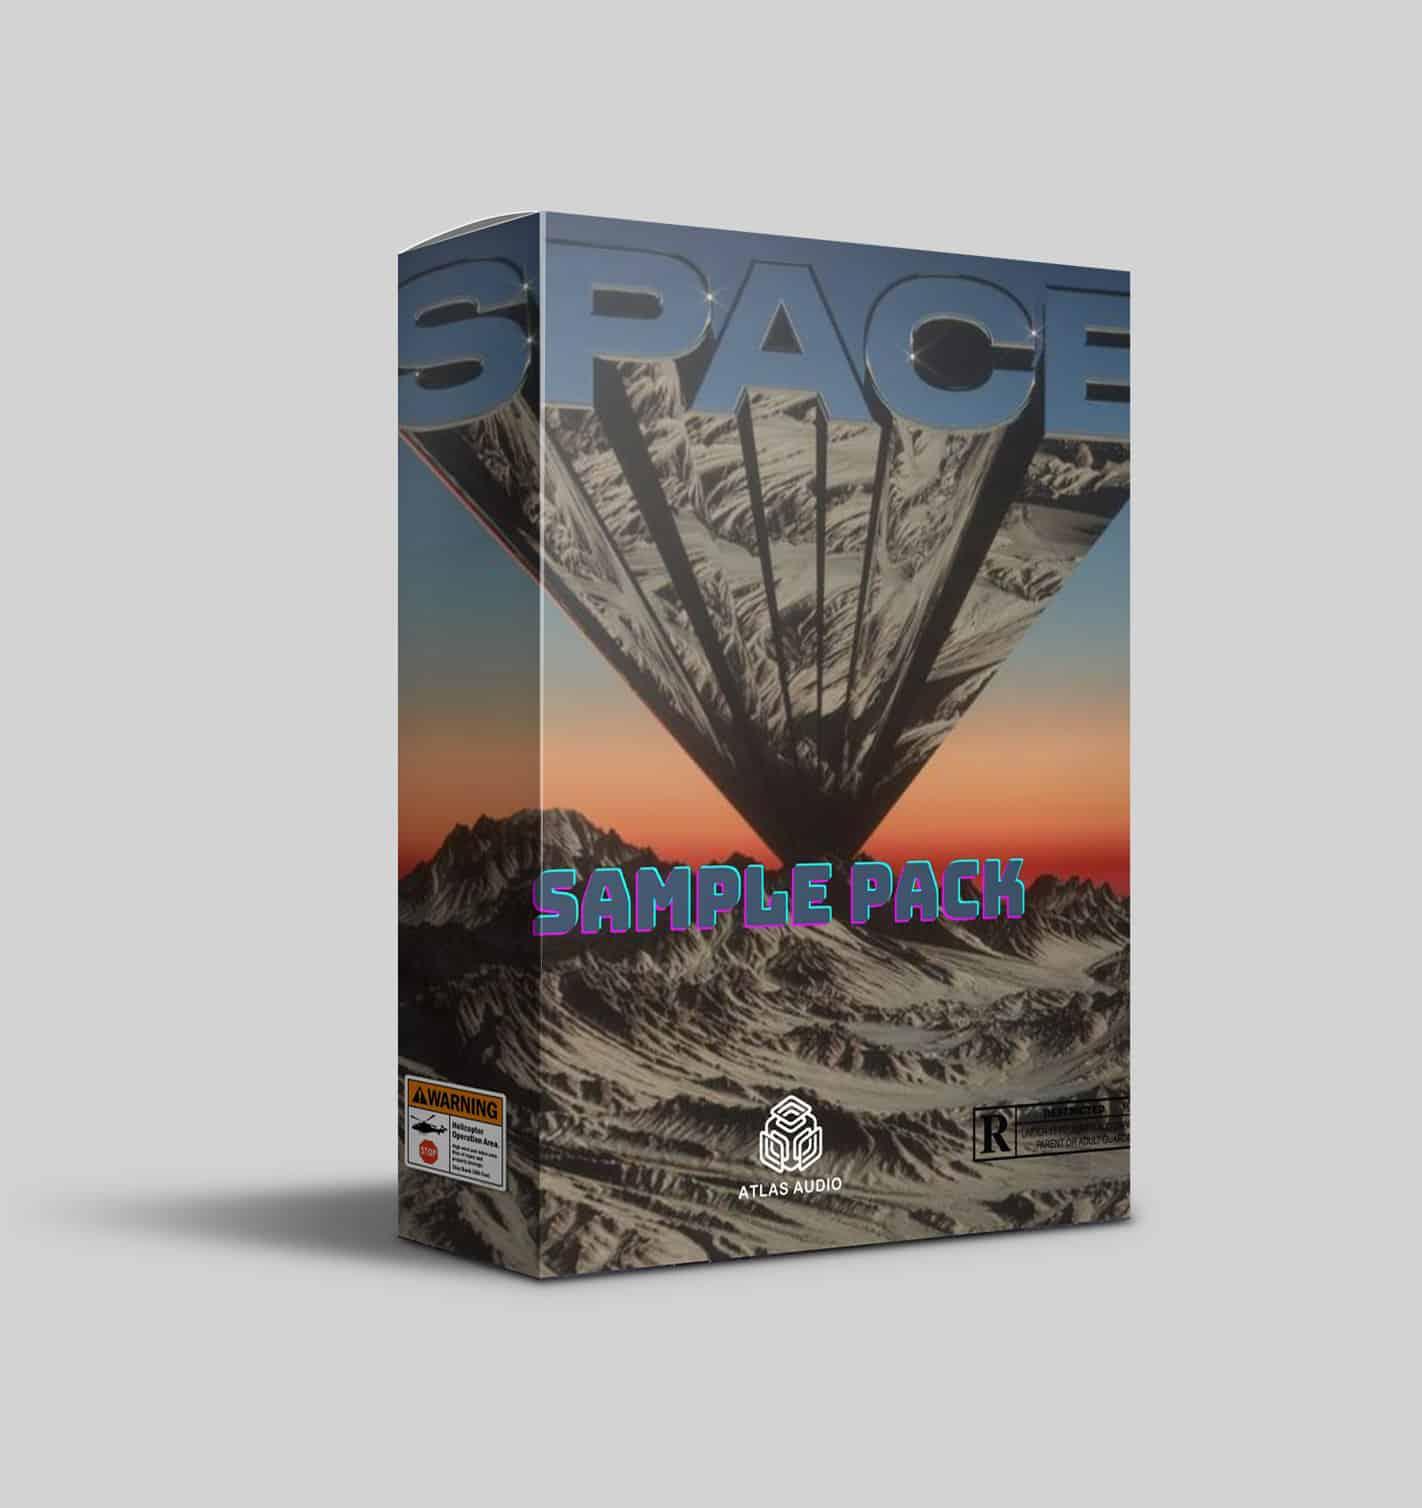 Atlas Audio Space Sample Pack